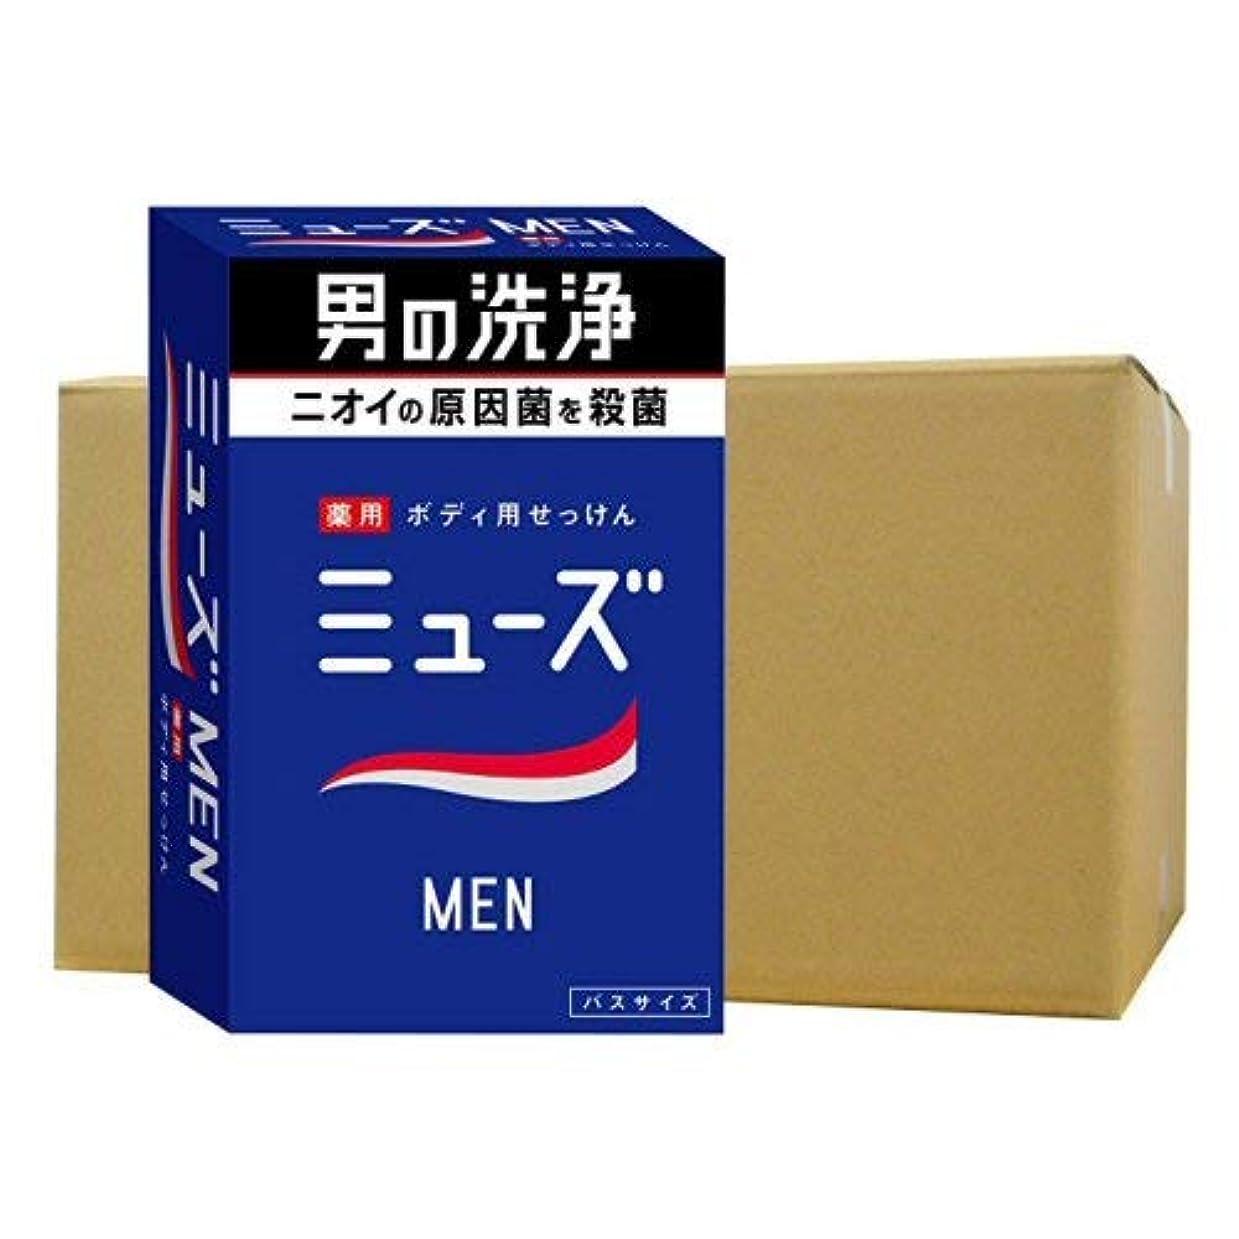 土曜日読書をする鉛ミューズメン薬用石鹸 135g×24個セット